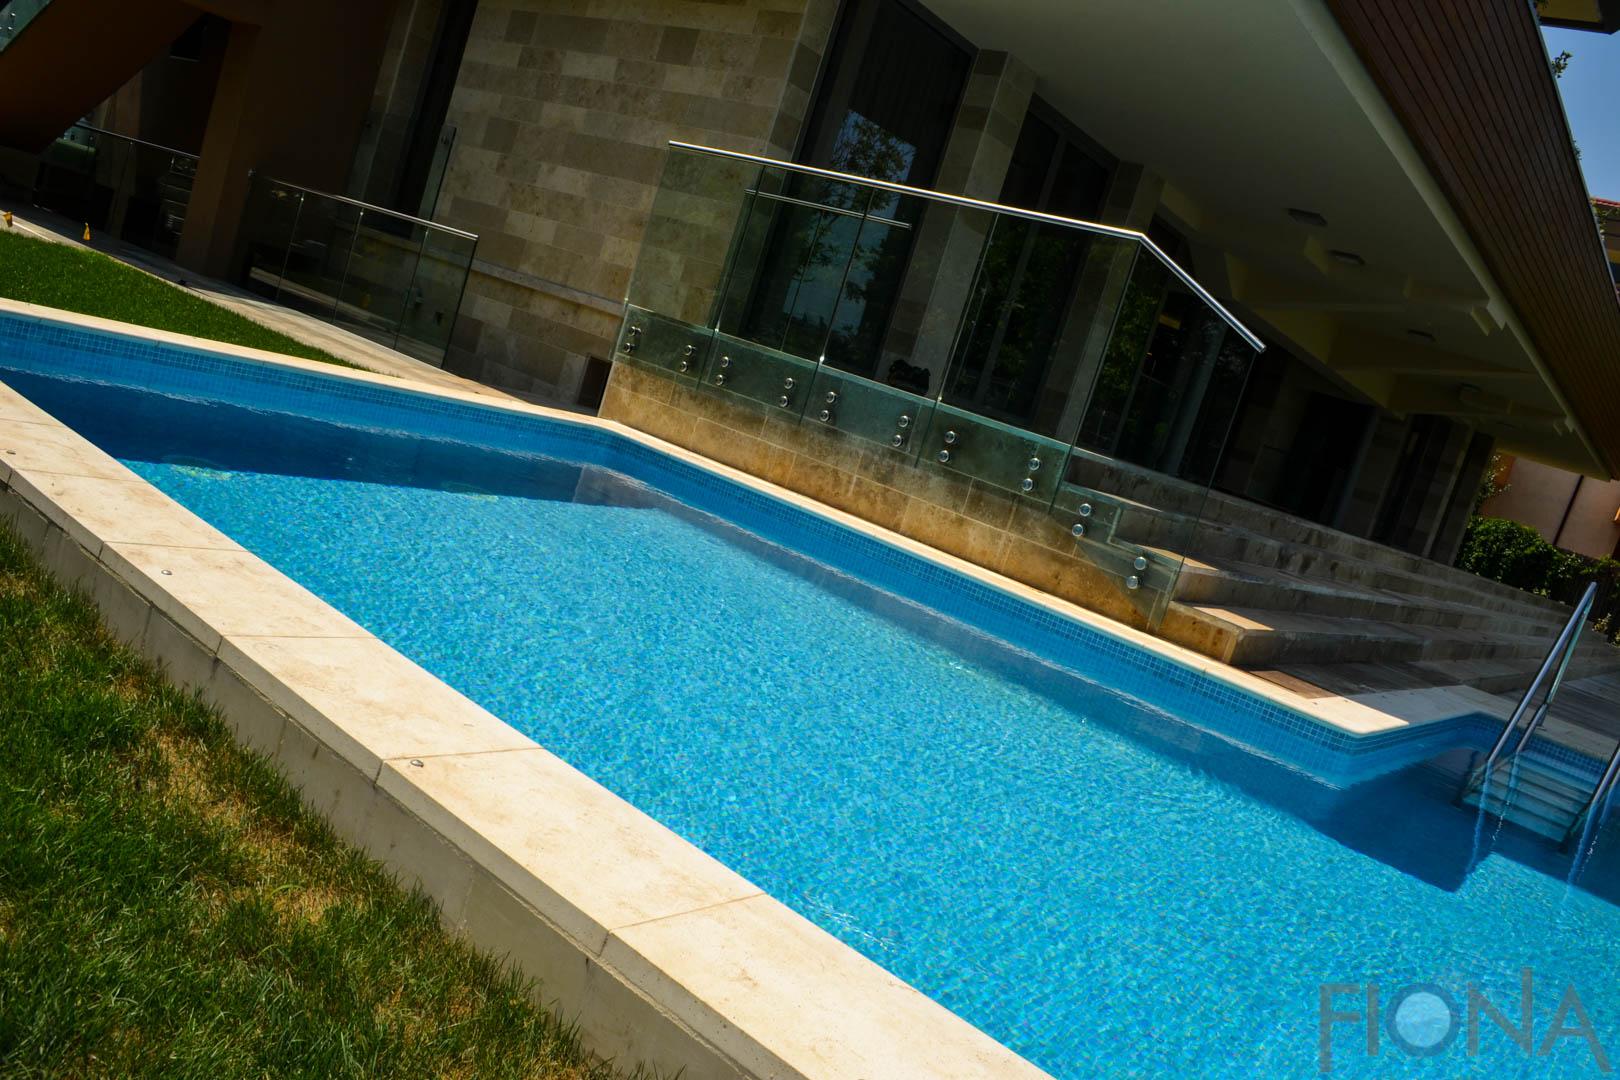 piscina-privata-skimmer8